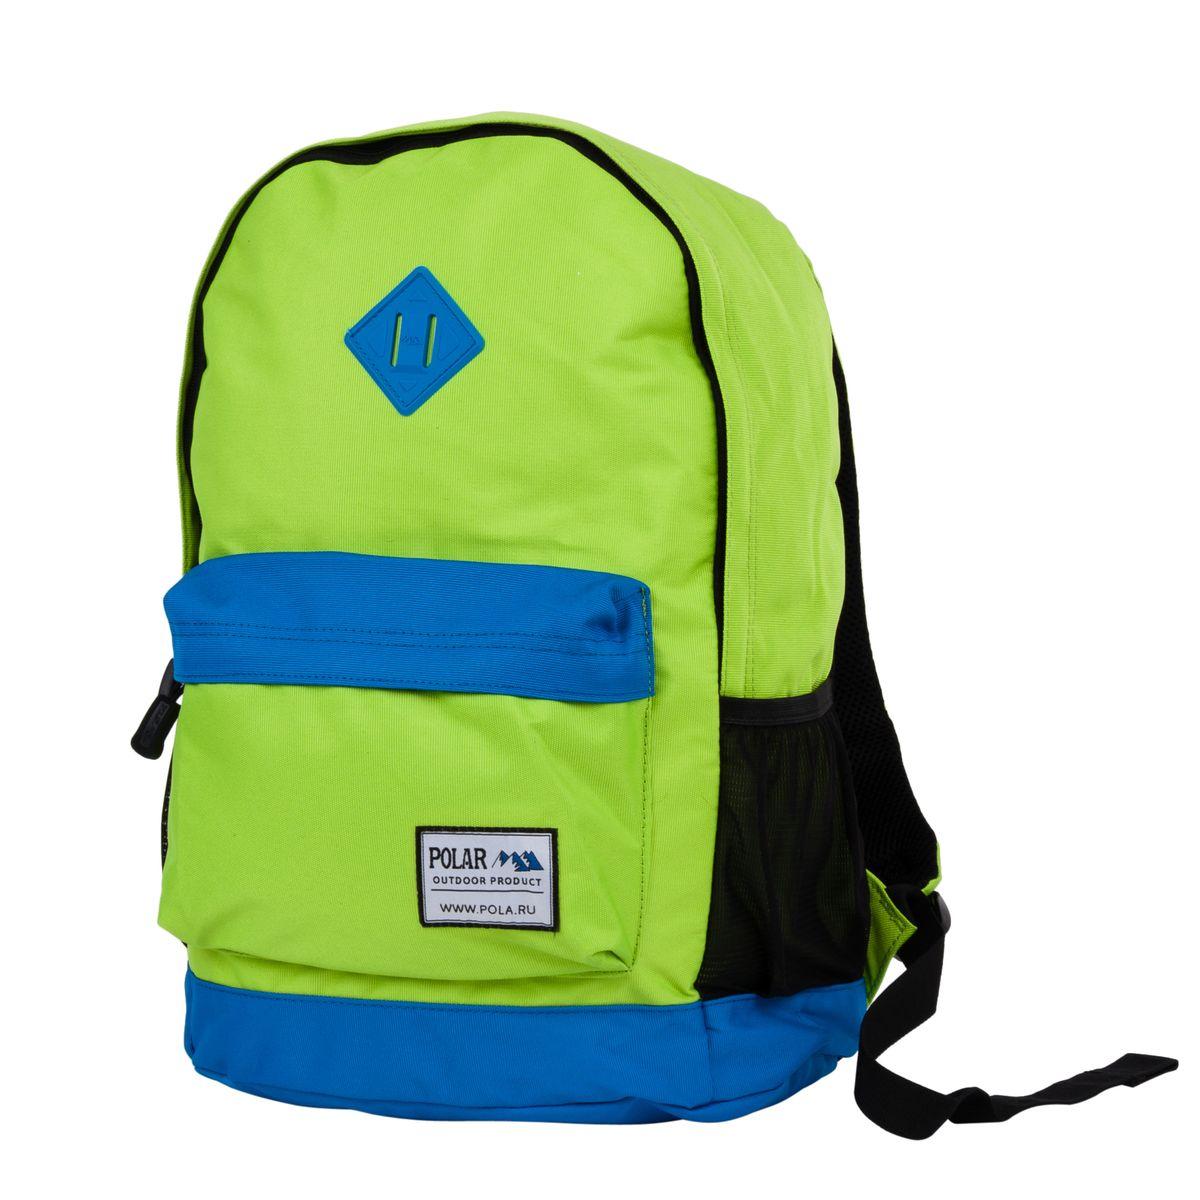 Рюкзак городской Polar, цвет: зеленый, синий, 22,5 л. 1500800117021 08210025Стильный городской рюкзак изготовлен из полиэстера. Рюкзак имеет одно отделение, которое закрывается на молнию. Внутри карман на молнии и отделение под планшет или ноутбук до 14. Спереди объемный карман для небольших предметов. По бокам два кармана из сетчатого материала на резинке. Удобная поролоновая спинка и лямки регулируемой длины с мягкой подкладкой обеспечивают больший комфорт при переноске.